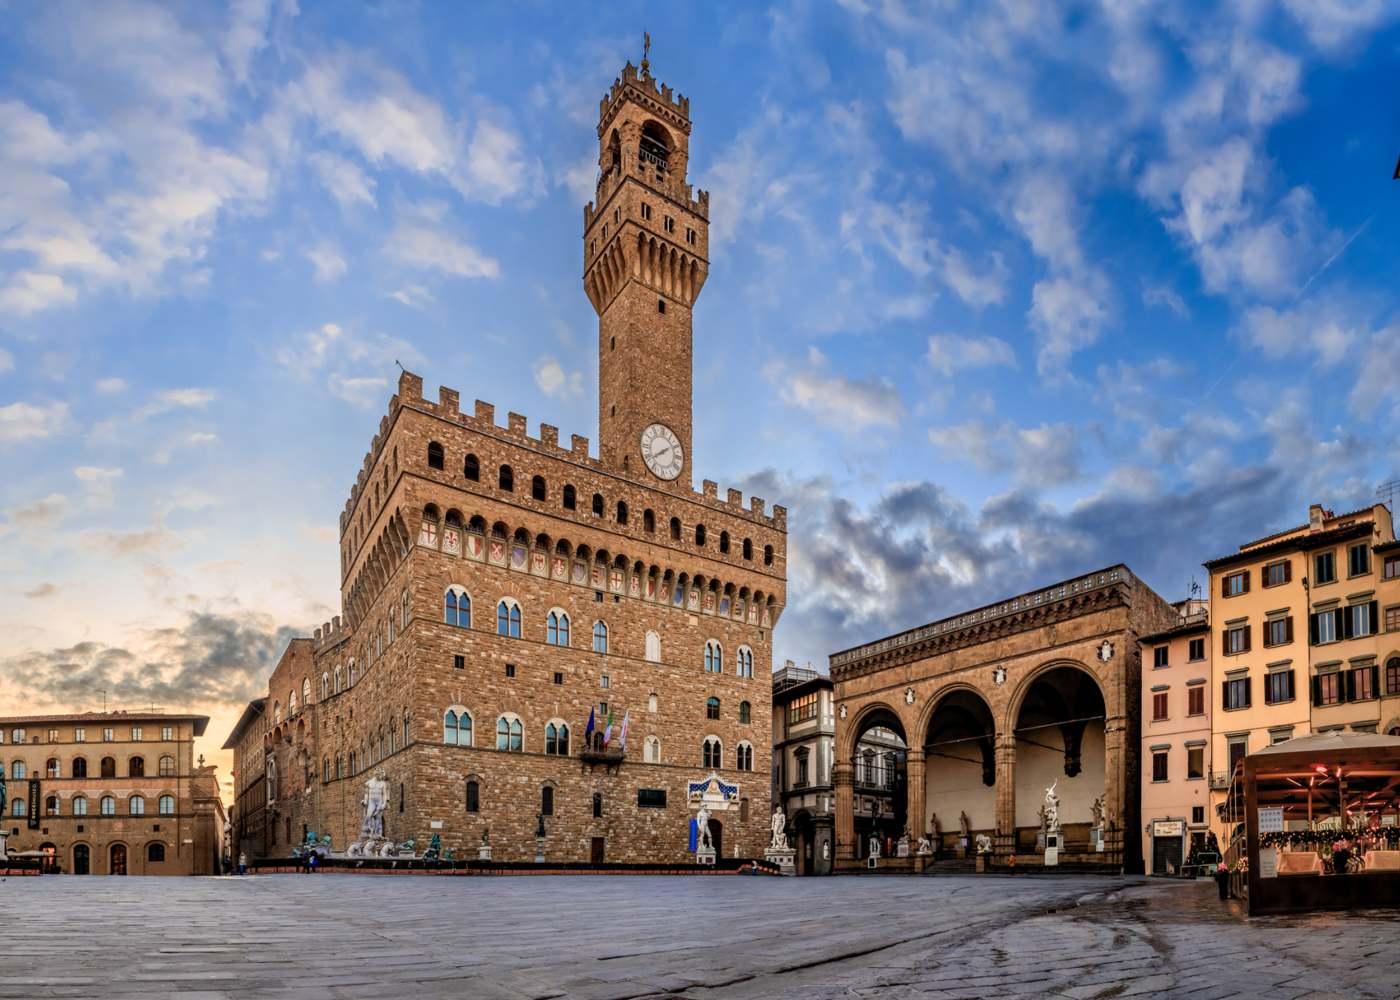 Praça histórica em Florença